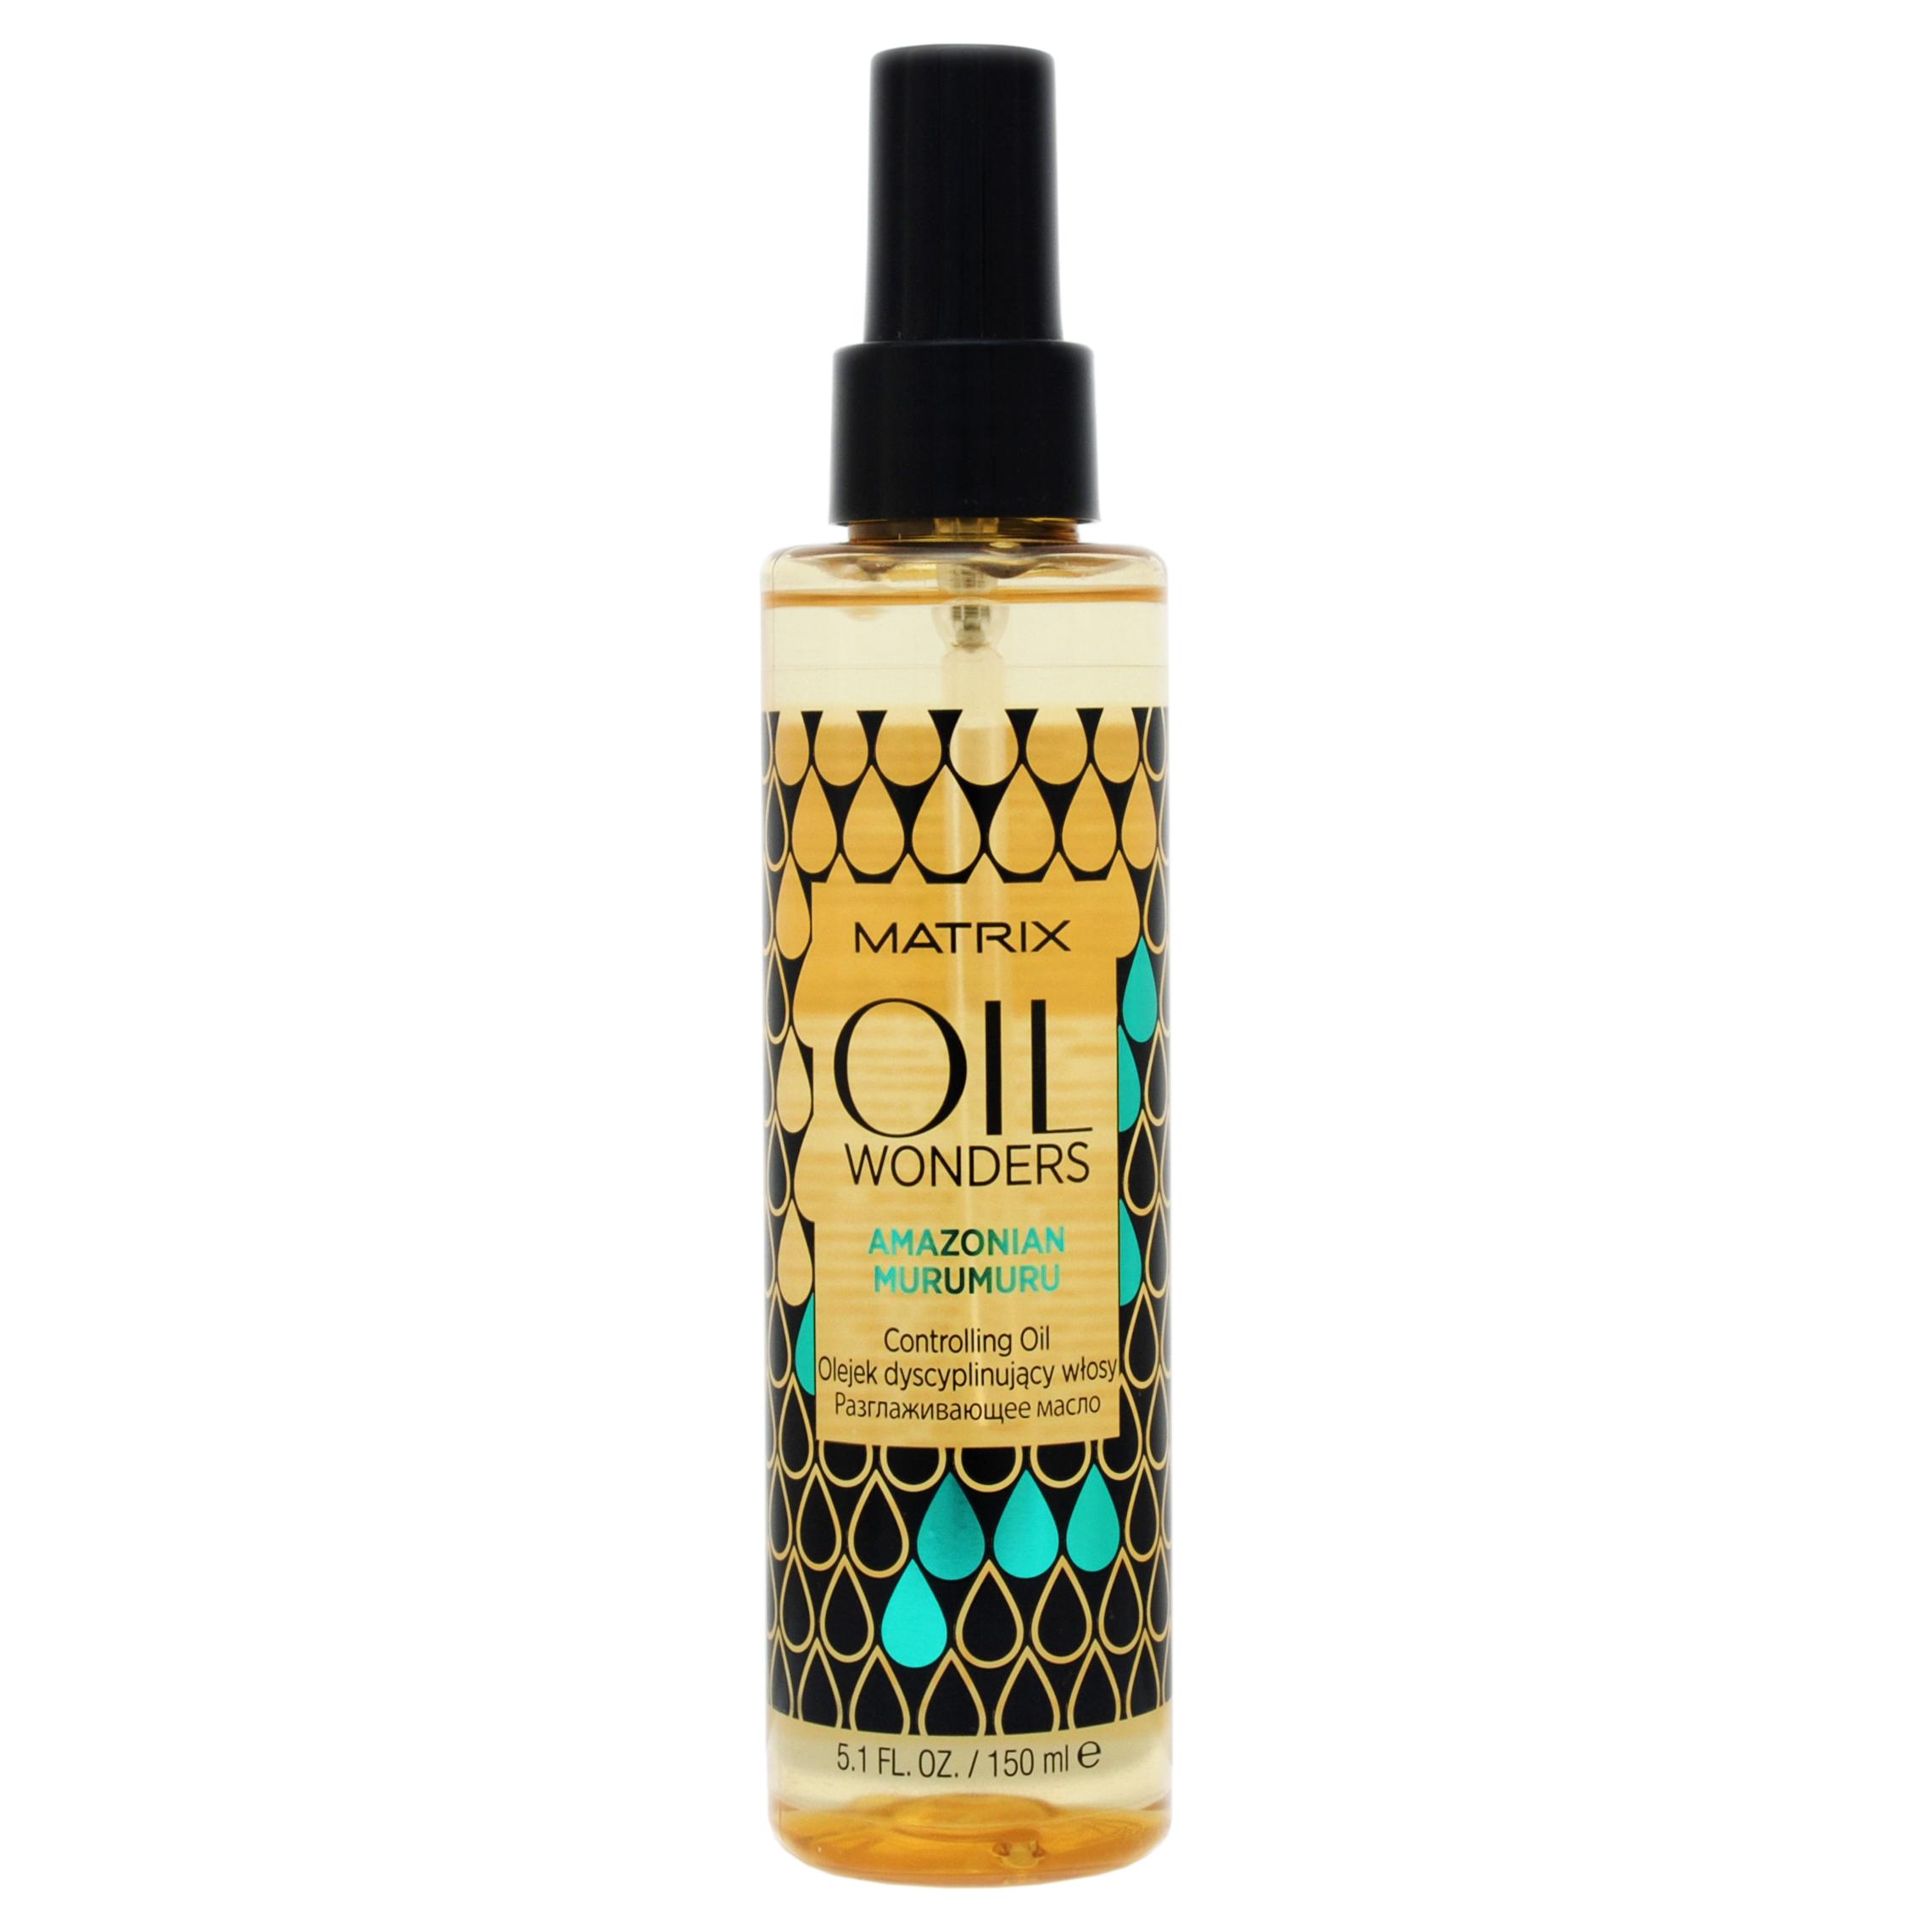 Купить Matrix Разглаживающее масло «Амазонская мурумуру», 150 мл (Matrix, Oil Wonders), США